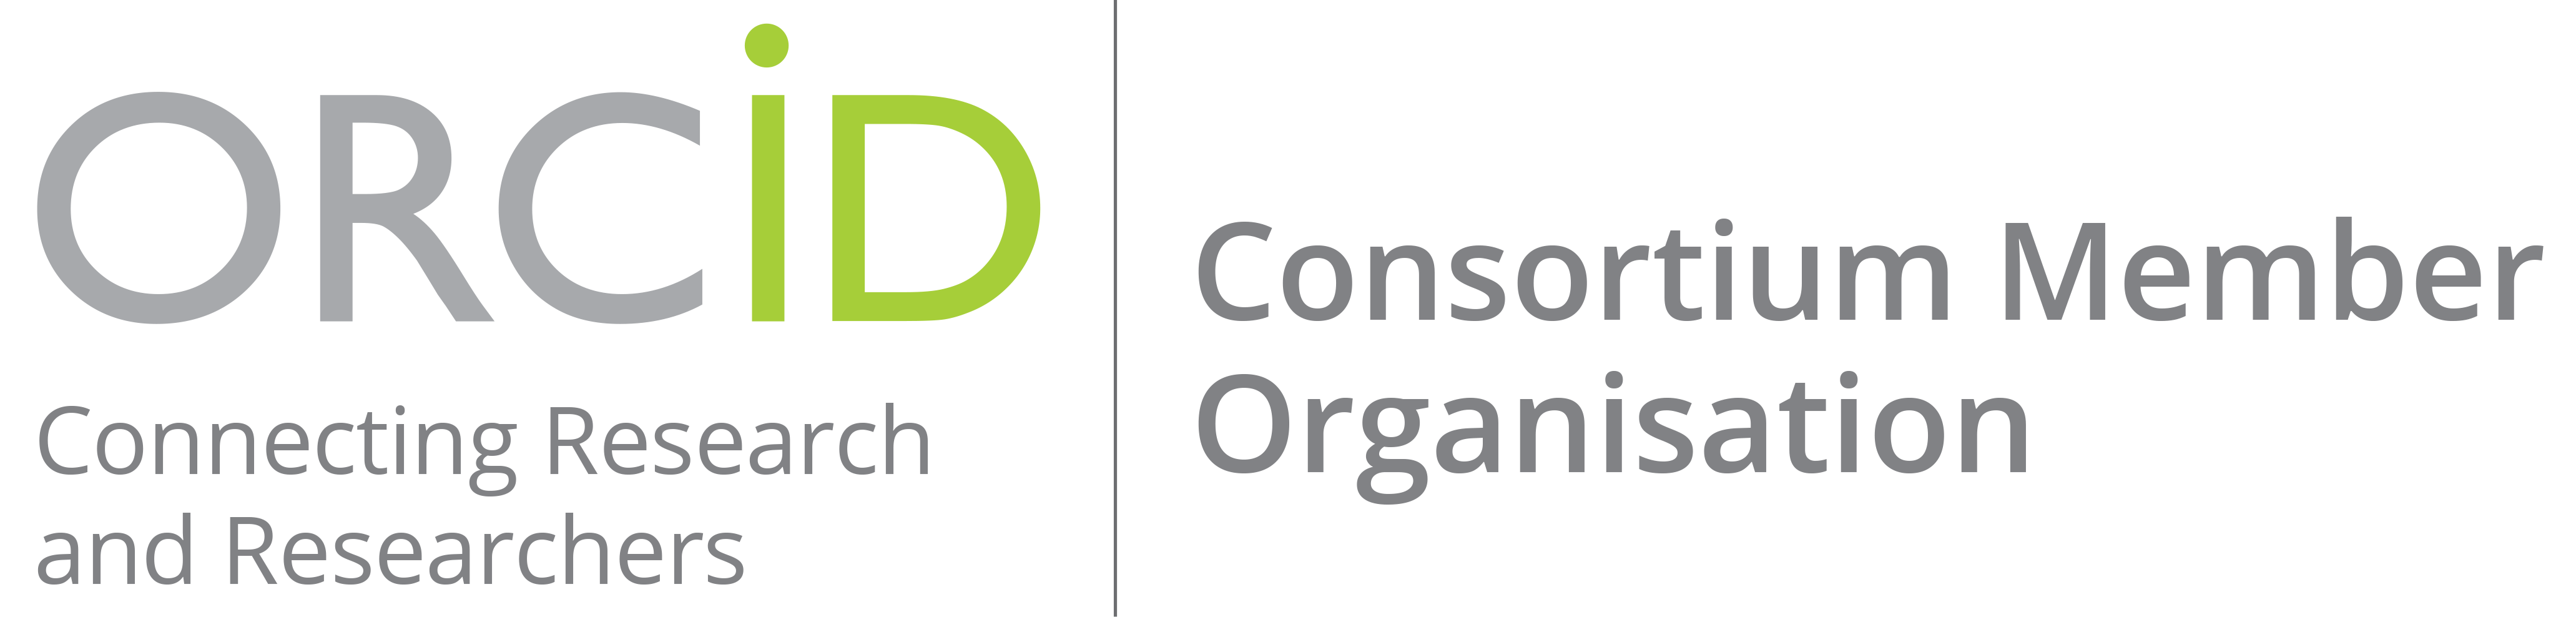 orcid consortium member